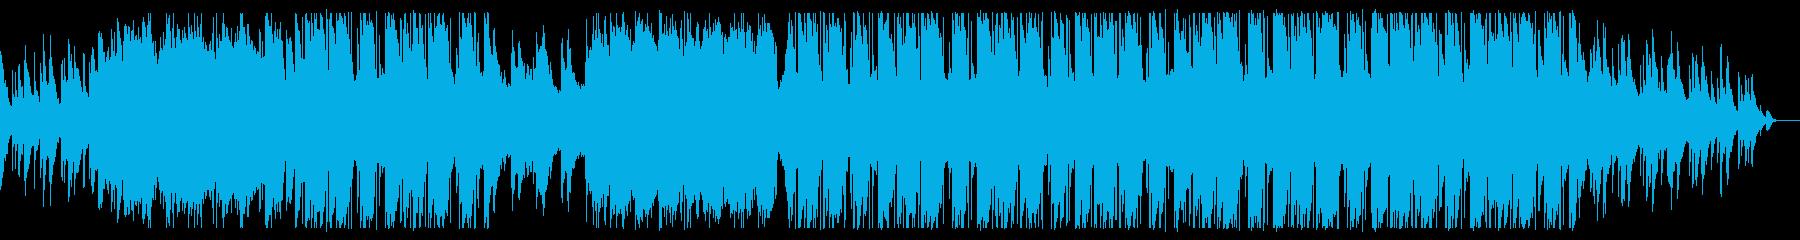 琴/和風だが今っぽいクールなヒップホップの再生済みの波形